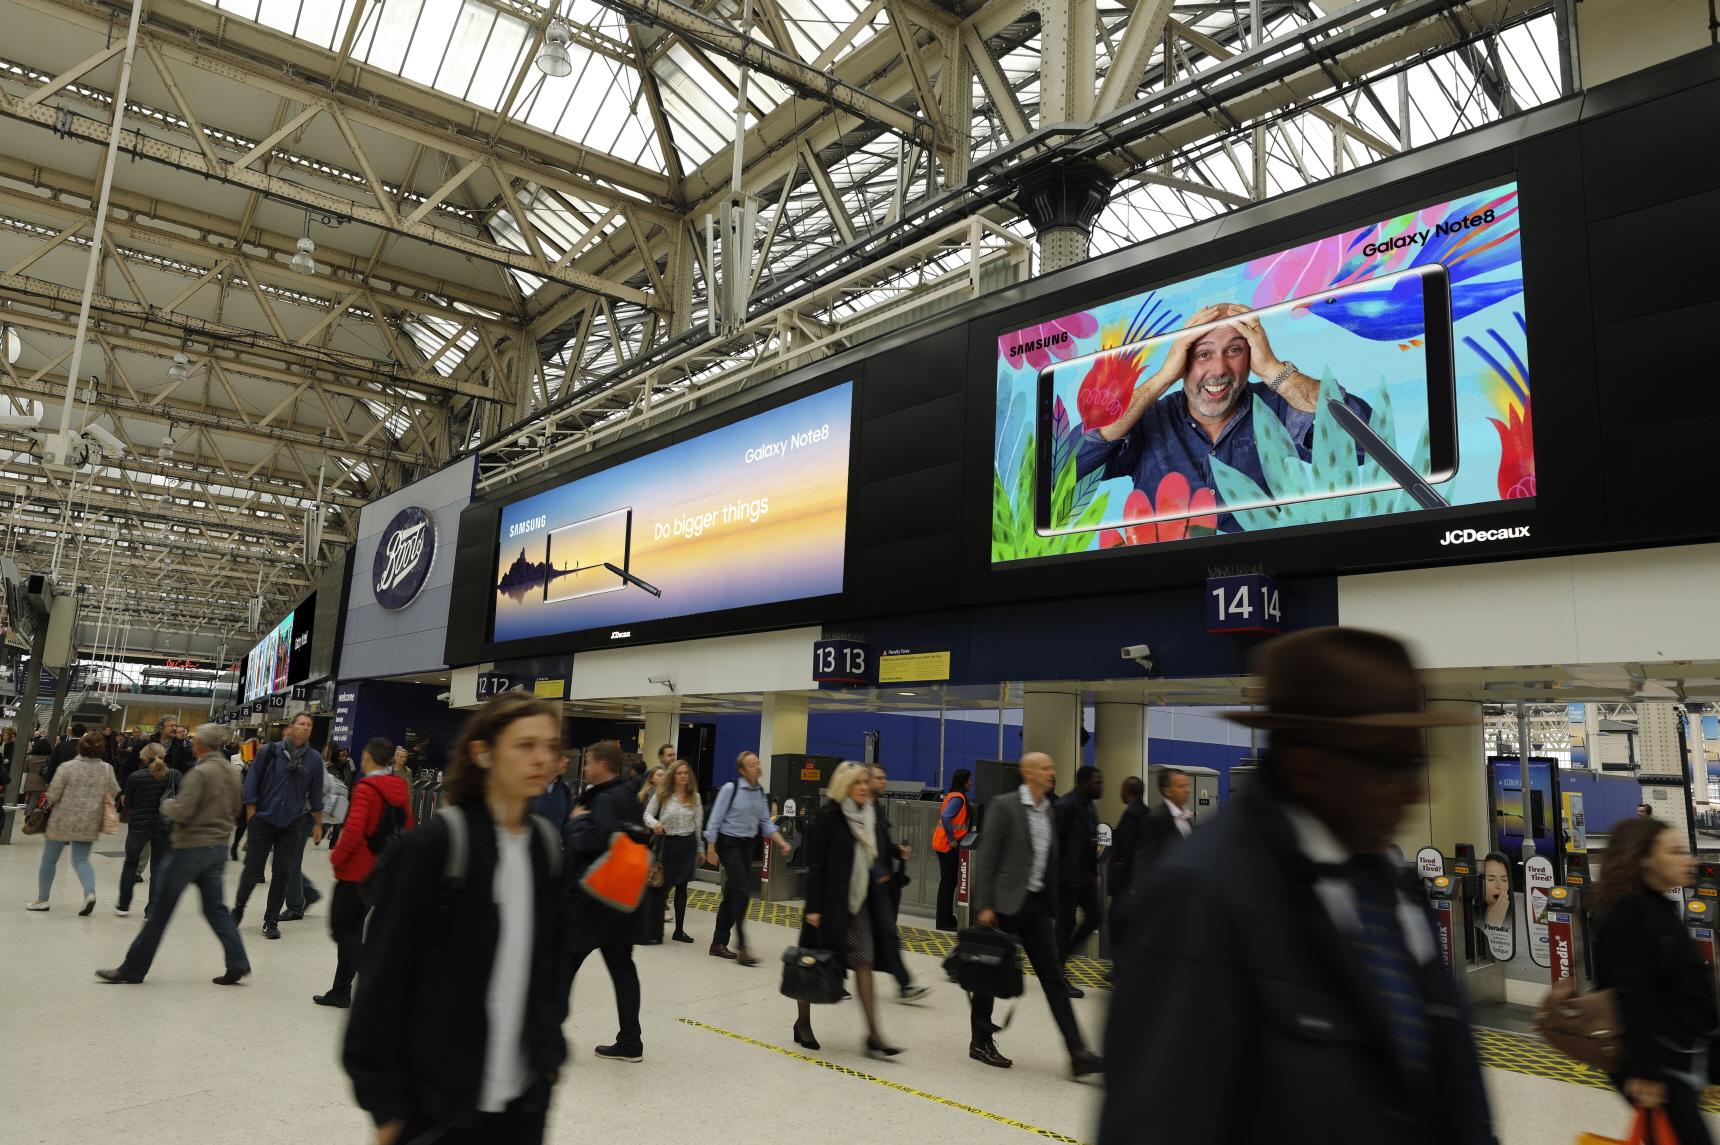 영국 런던 워털루역(Waterloo Station)